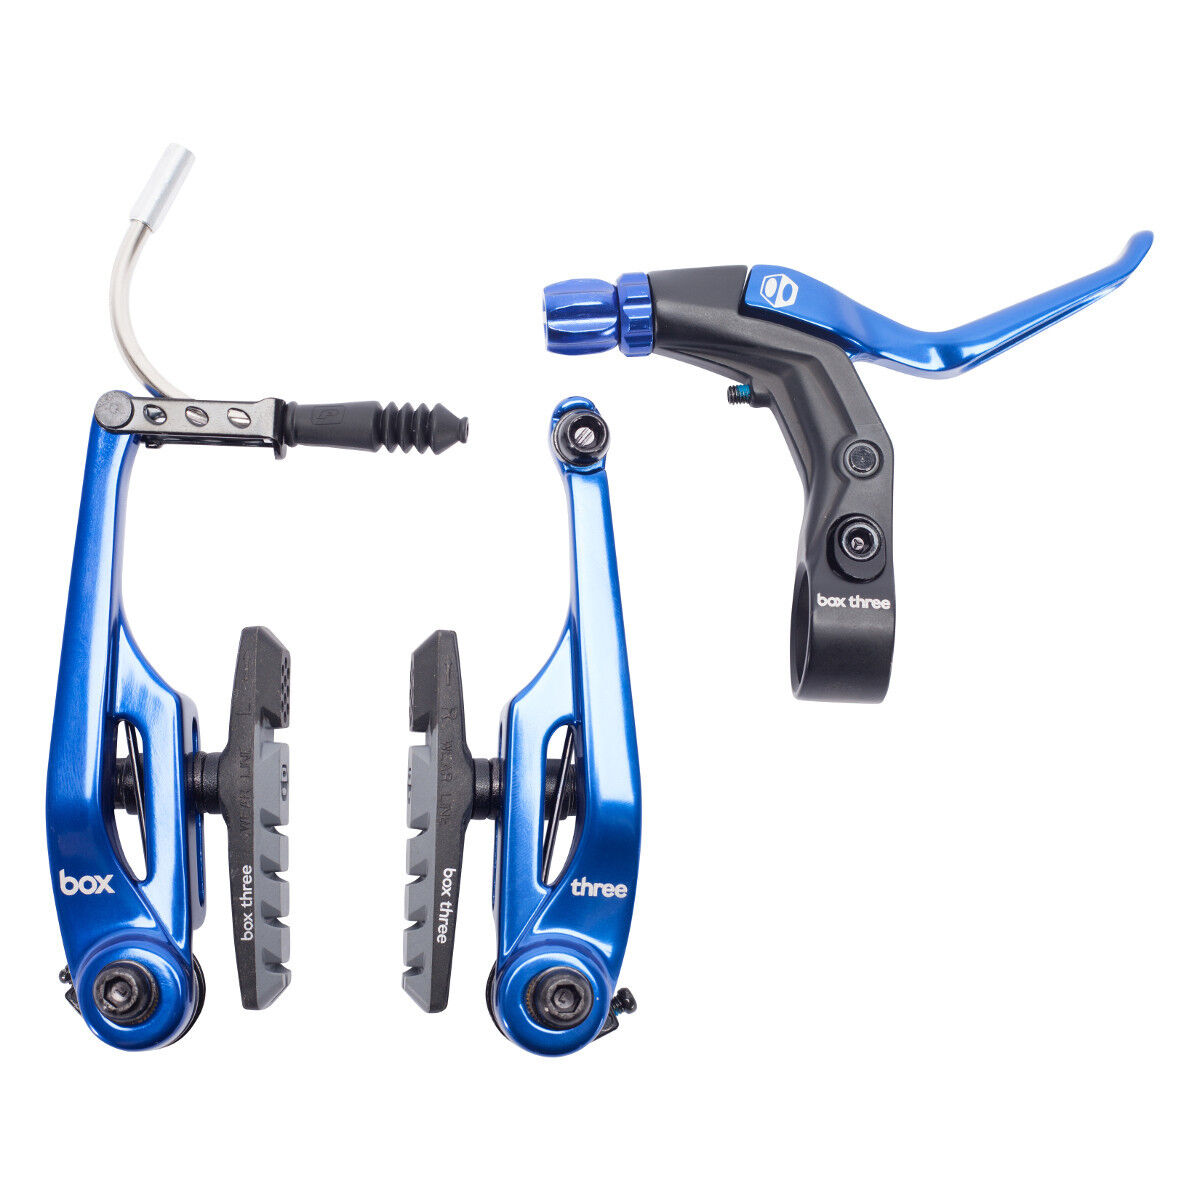 Brooks Challenge Honig Honey Neu Werkzeug Tasche Bag Fahrradtasche Leder Leather Cycling Bicycle Accessories